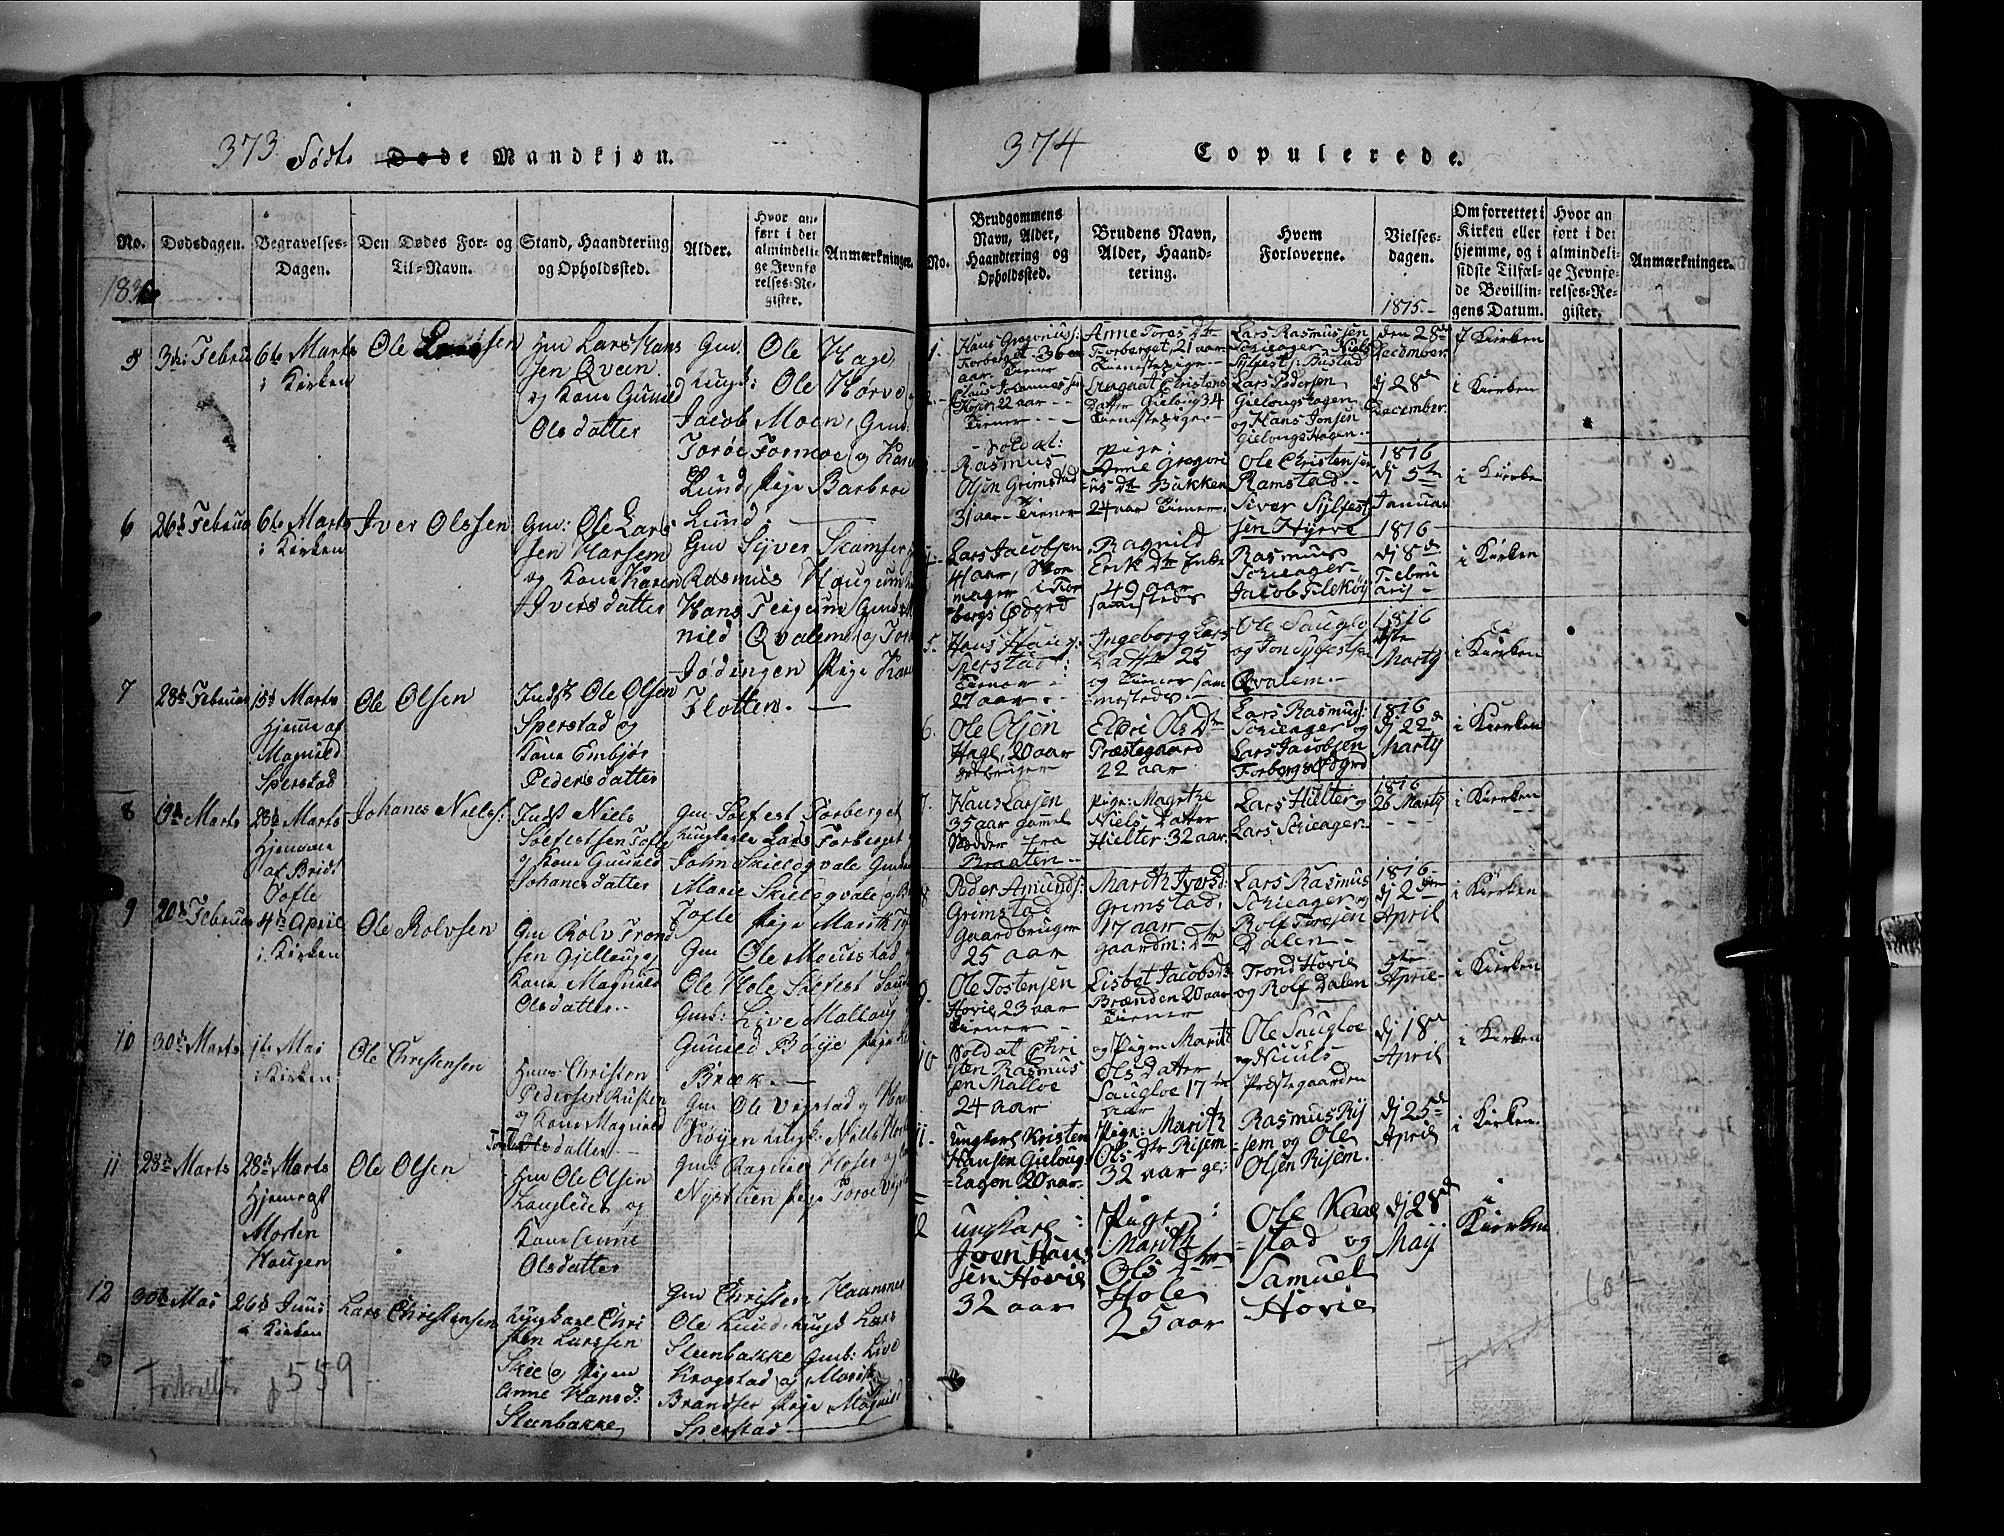 SAH, Lom prestekontor, L/L0003: Klokkerbok nr. 3, 1815-1844, s. 373-374